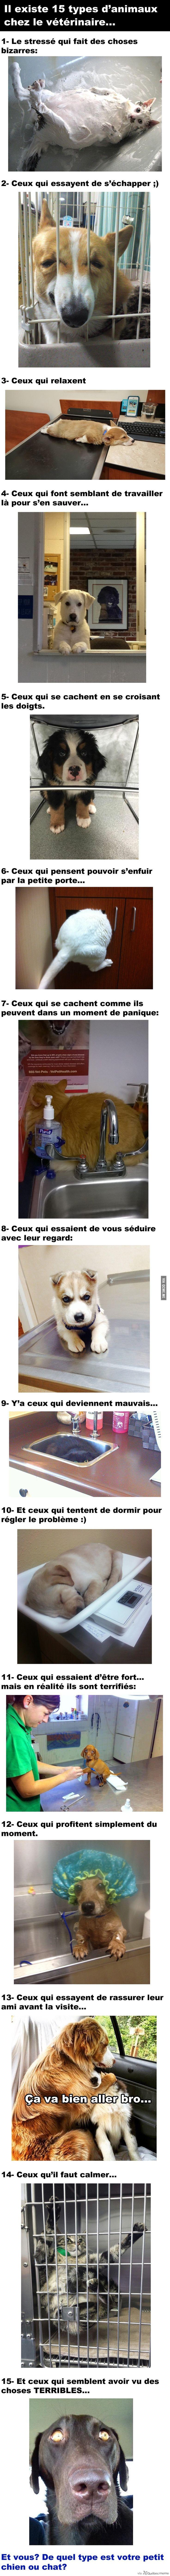 Les comportements des animaux chez le vétérinaire